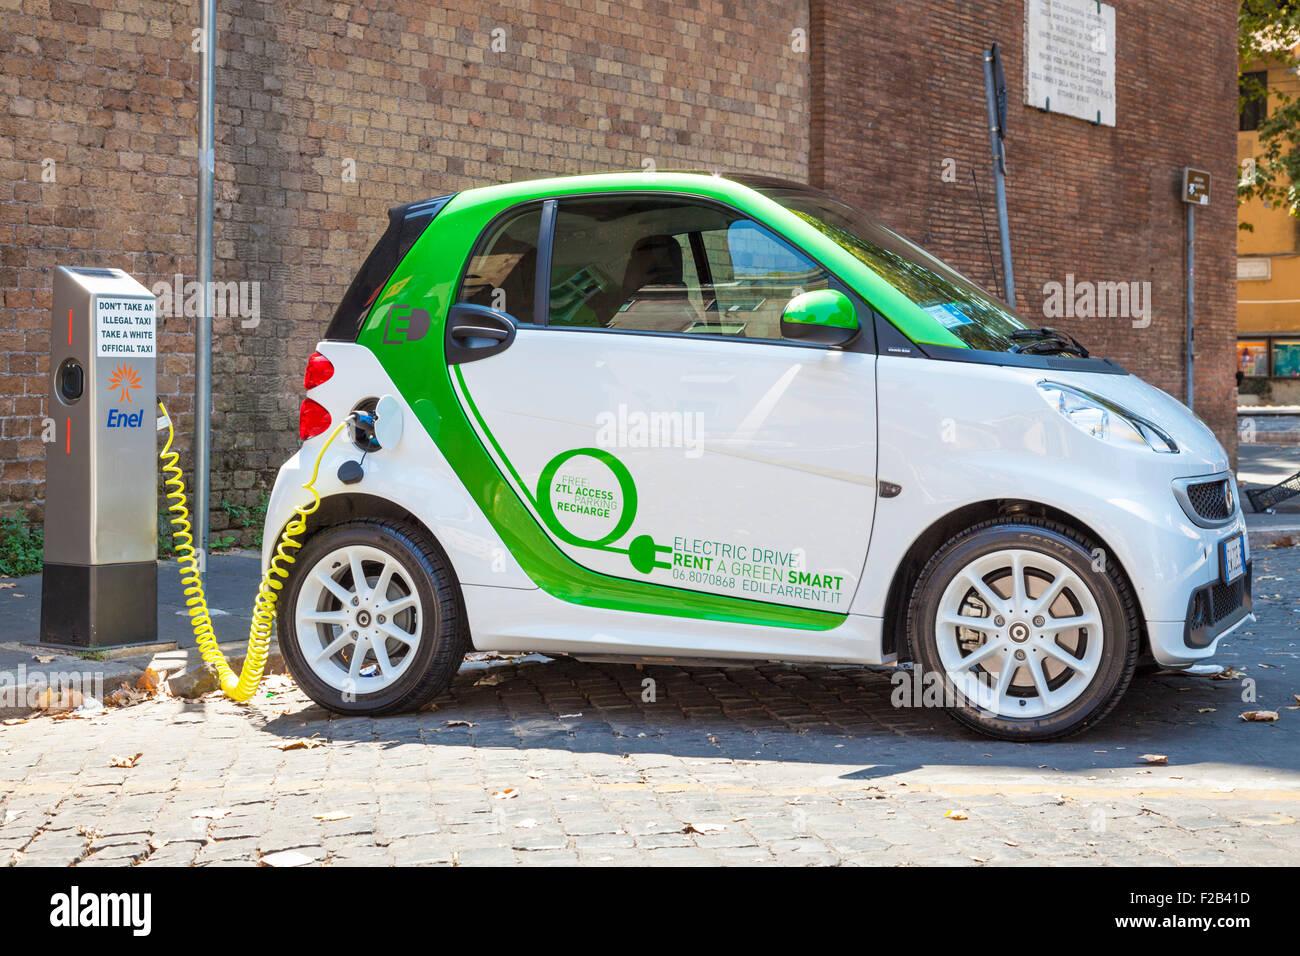 Smart fortwo electric drive voiture électrique branché à une borne de recharge pour voitures électriques Photo Stock